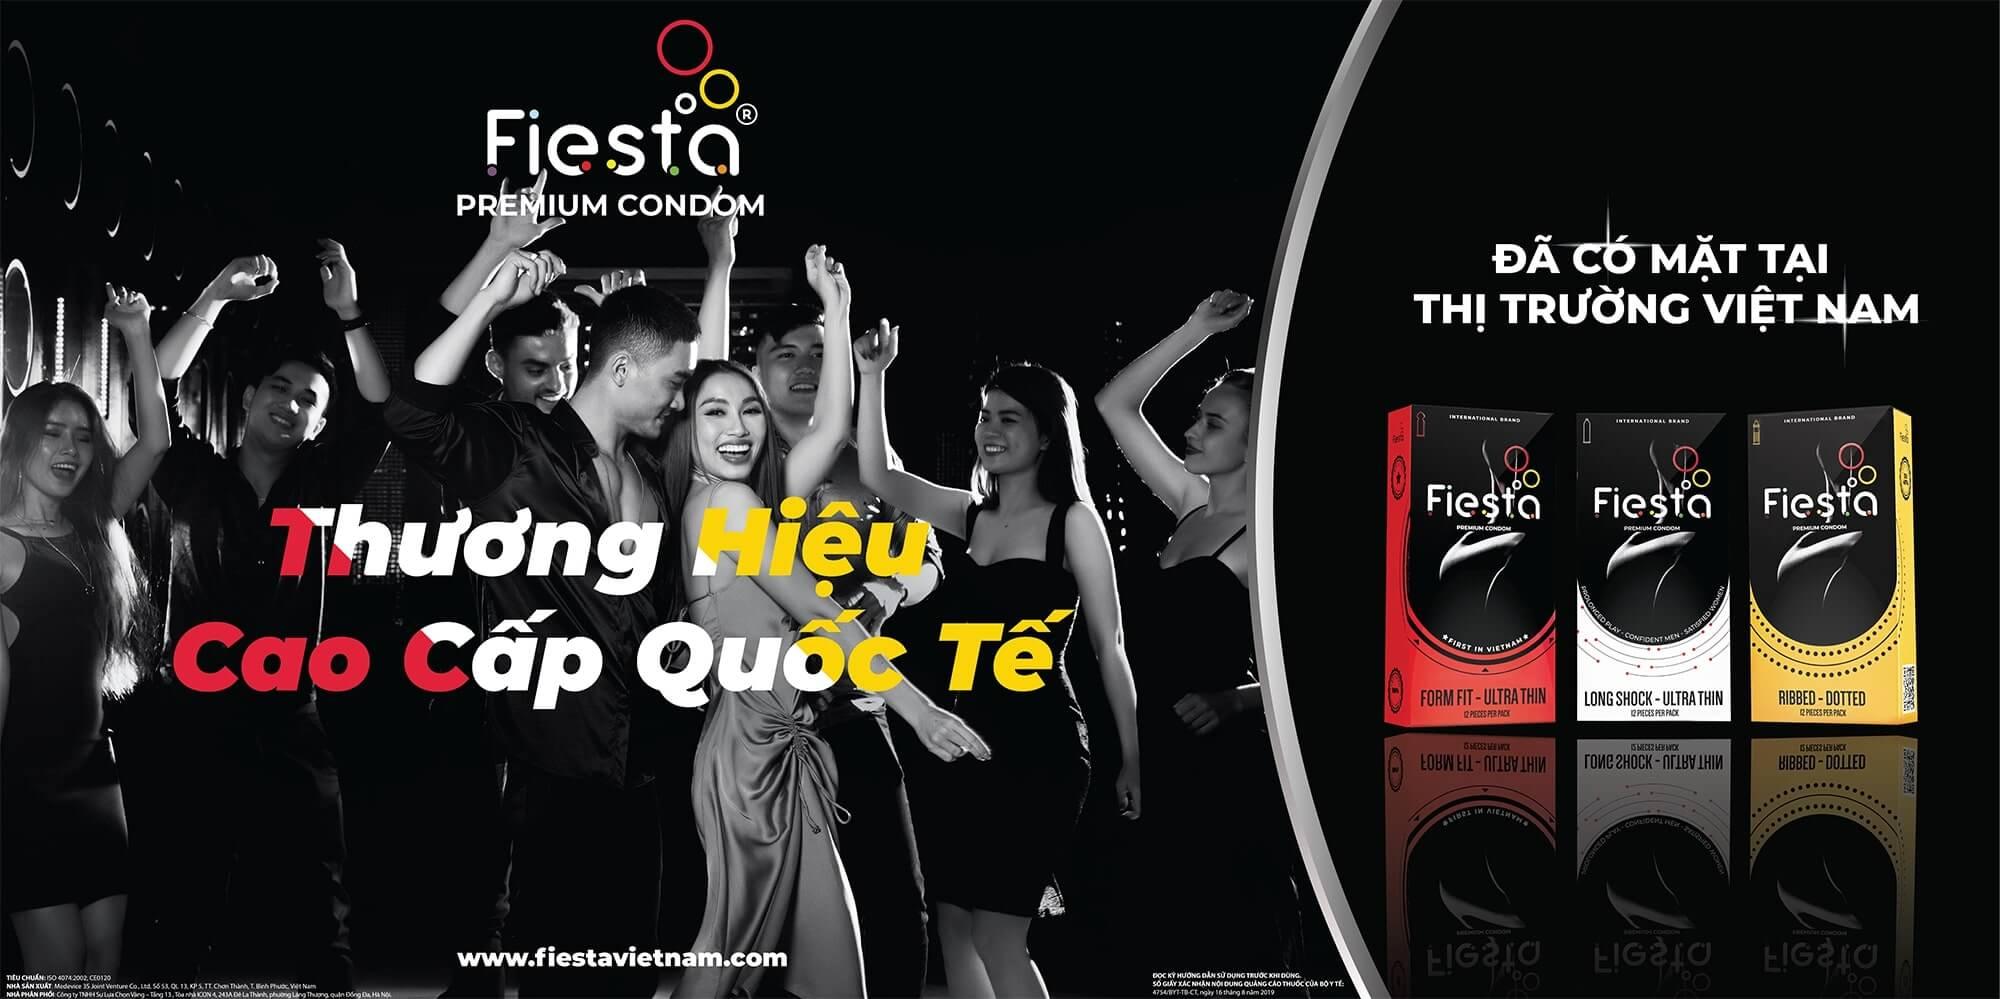 Chiến dịch quảng cáo ngoài trời của bao cao su Fiesta